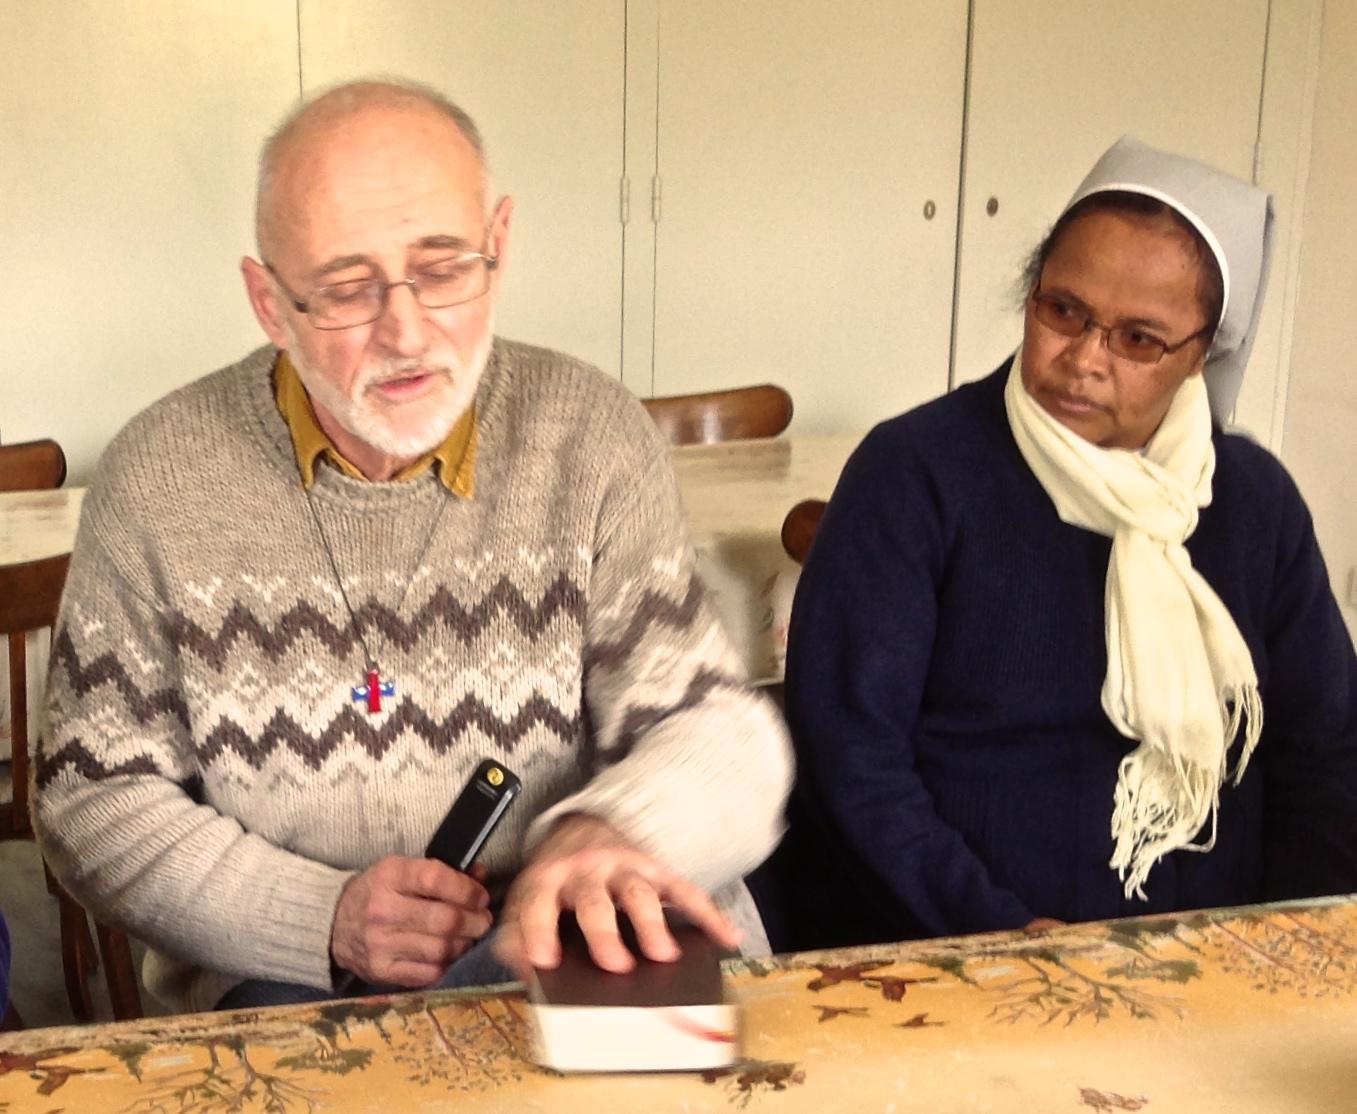 Le blog de la fraternit trinitaire d 39 angoul me - Les soeurs du marquis ...